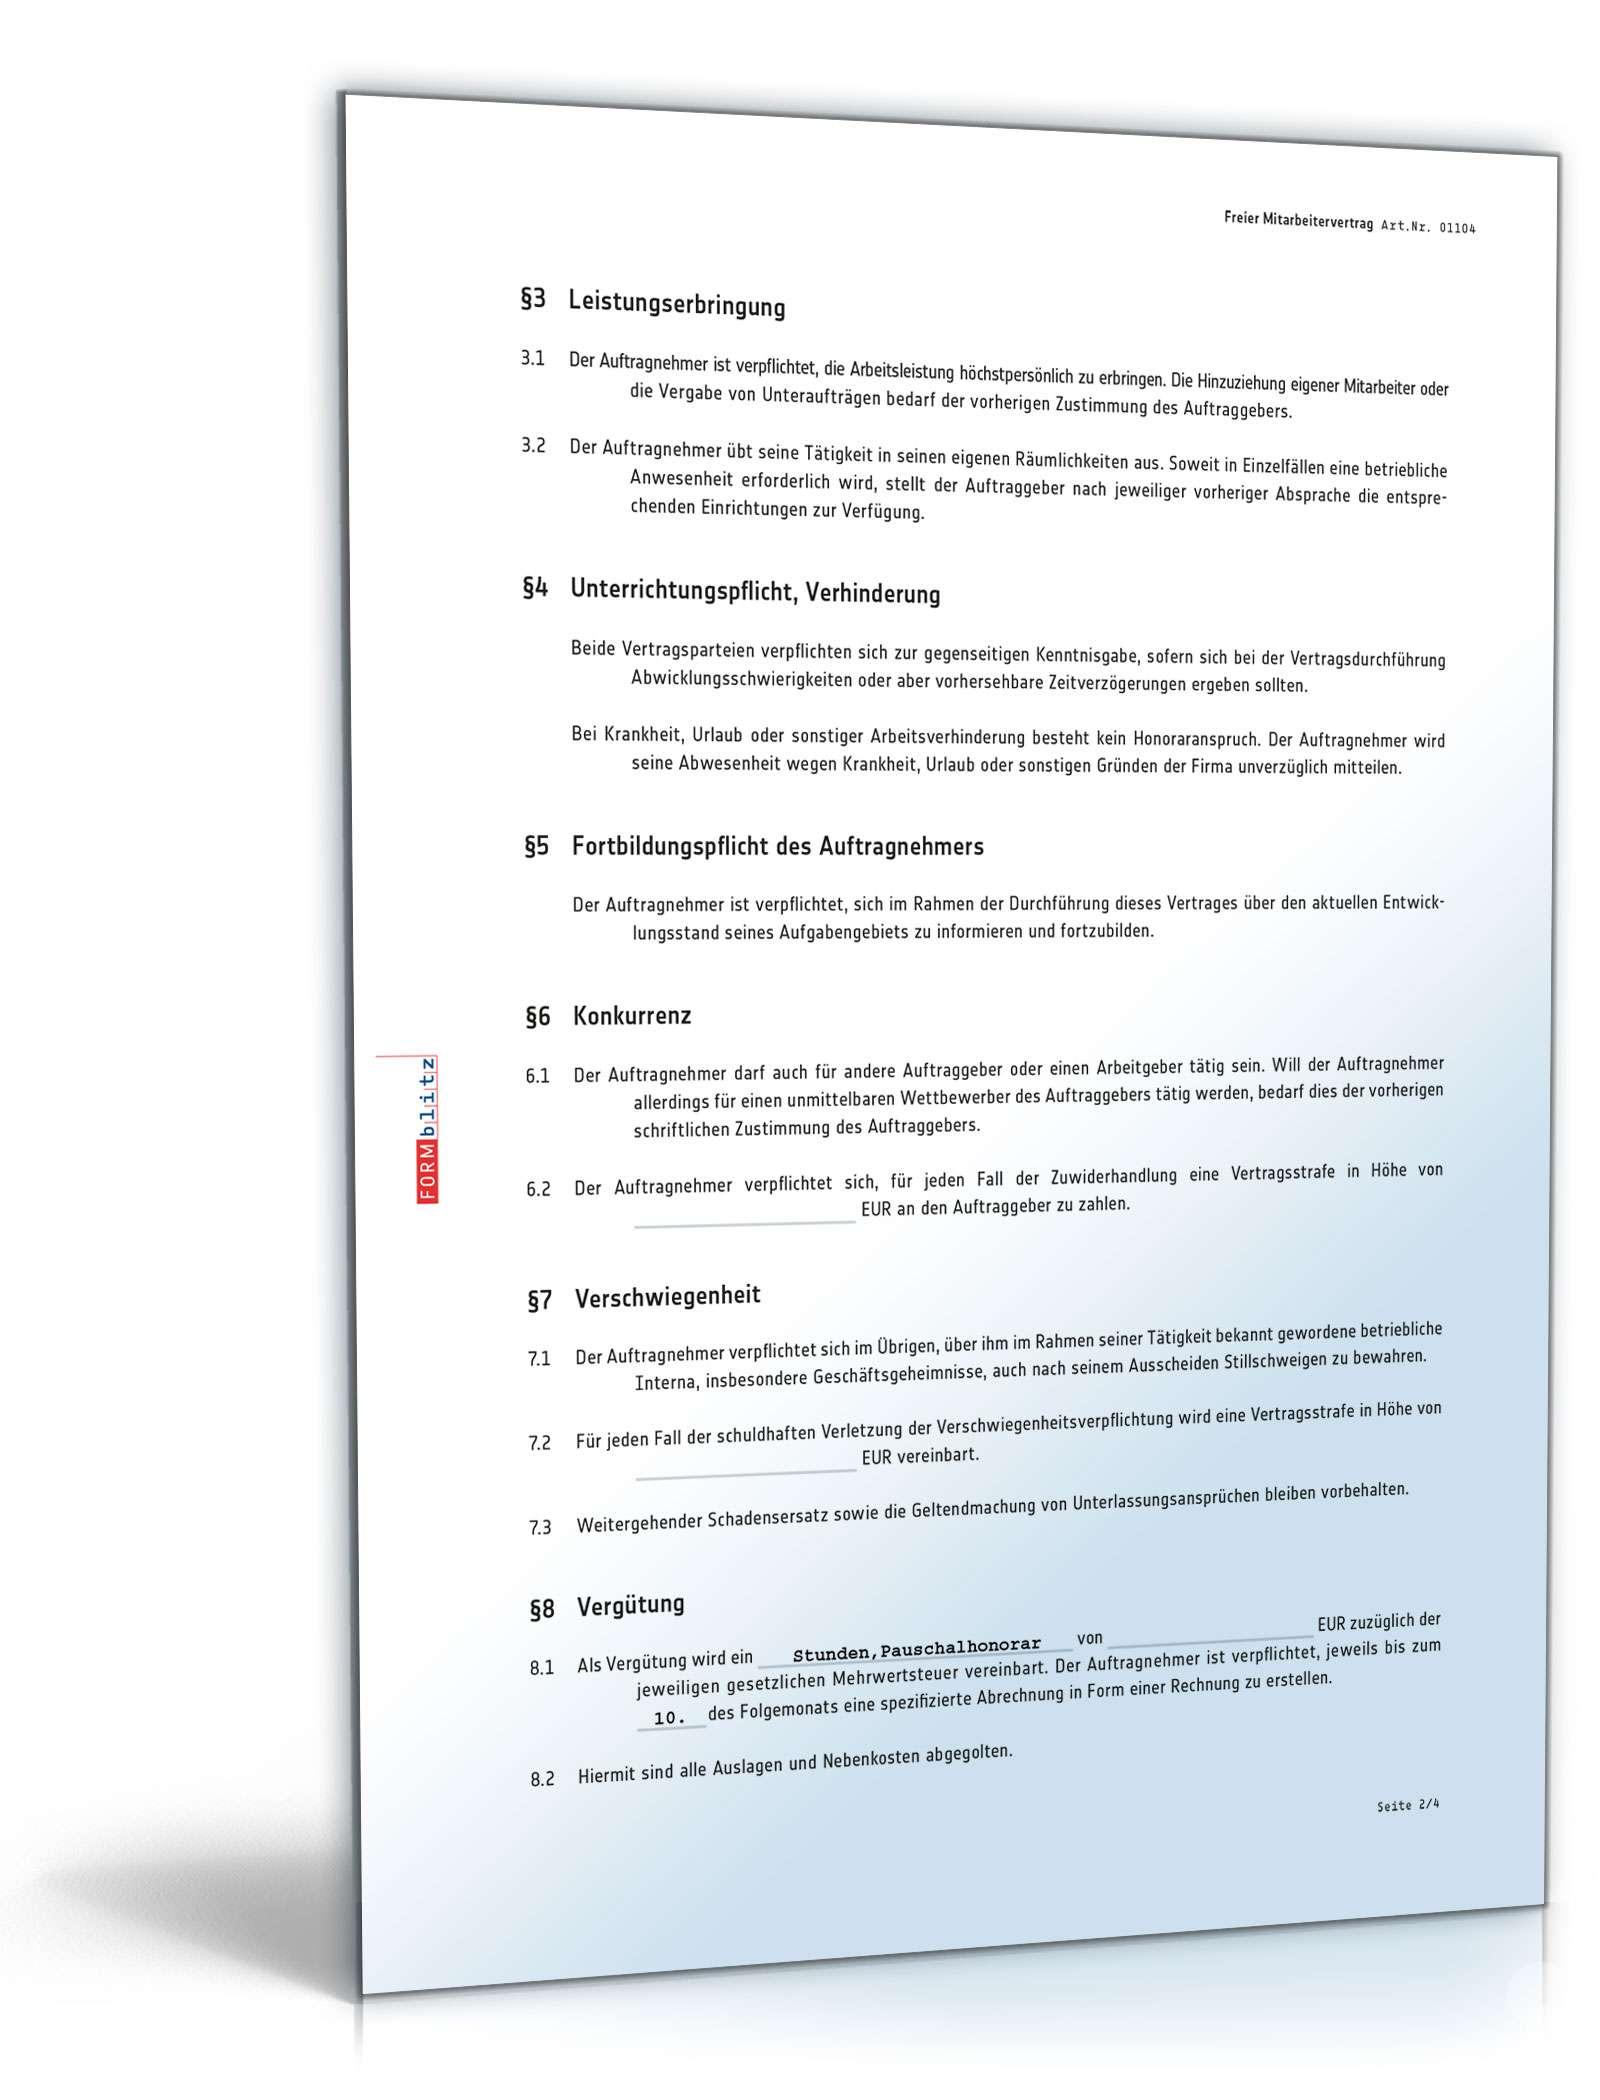 Freier Mitarbeiter-Vertrag: Rechtssicheres Muster downloaden